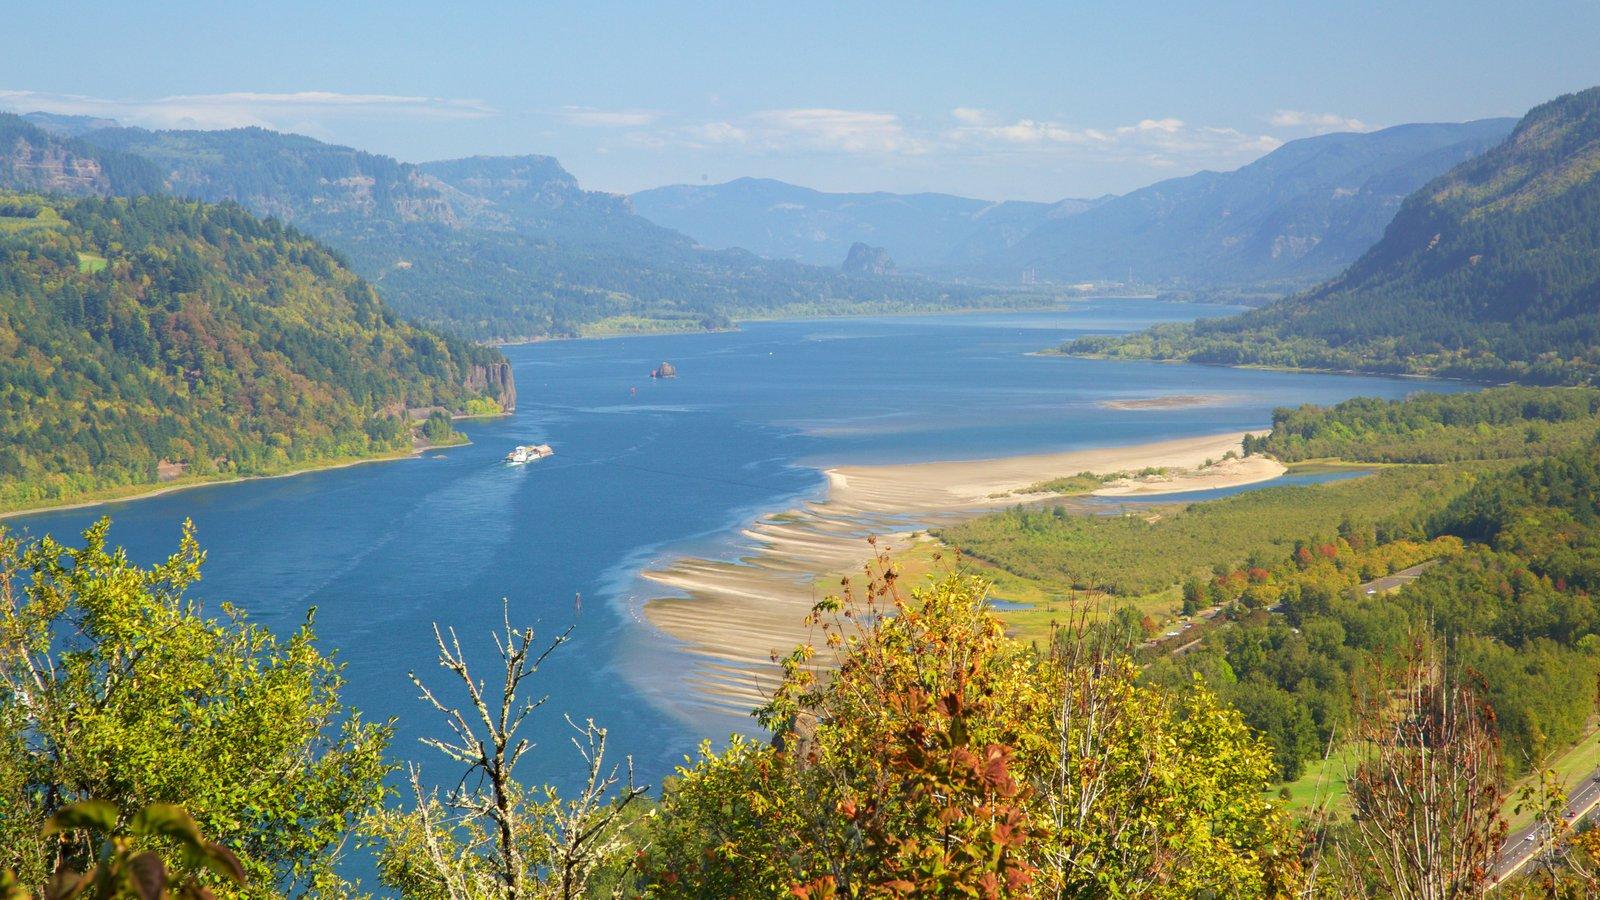 Mirador Chanticleer Point ofreciendo vistas de paisajes y un río o arroyo